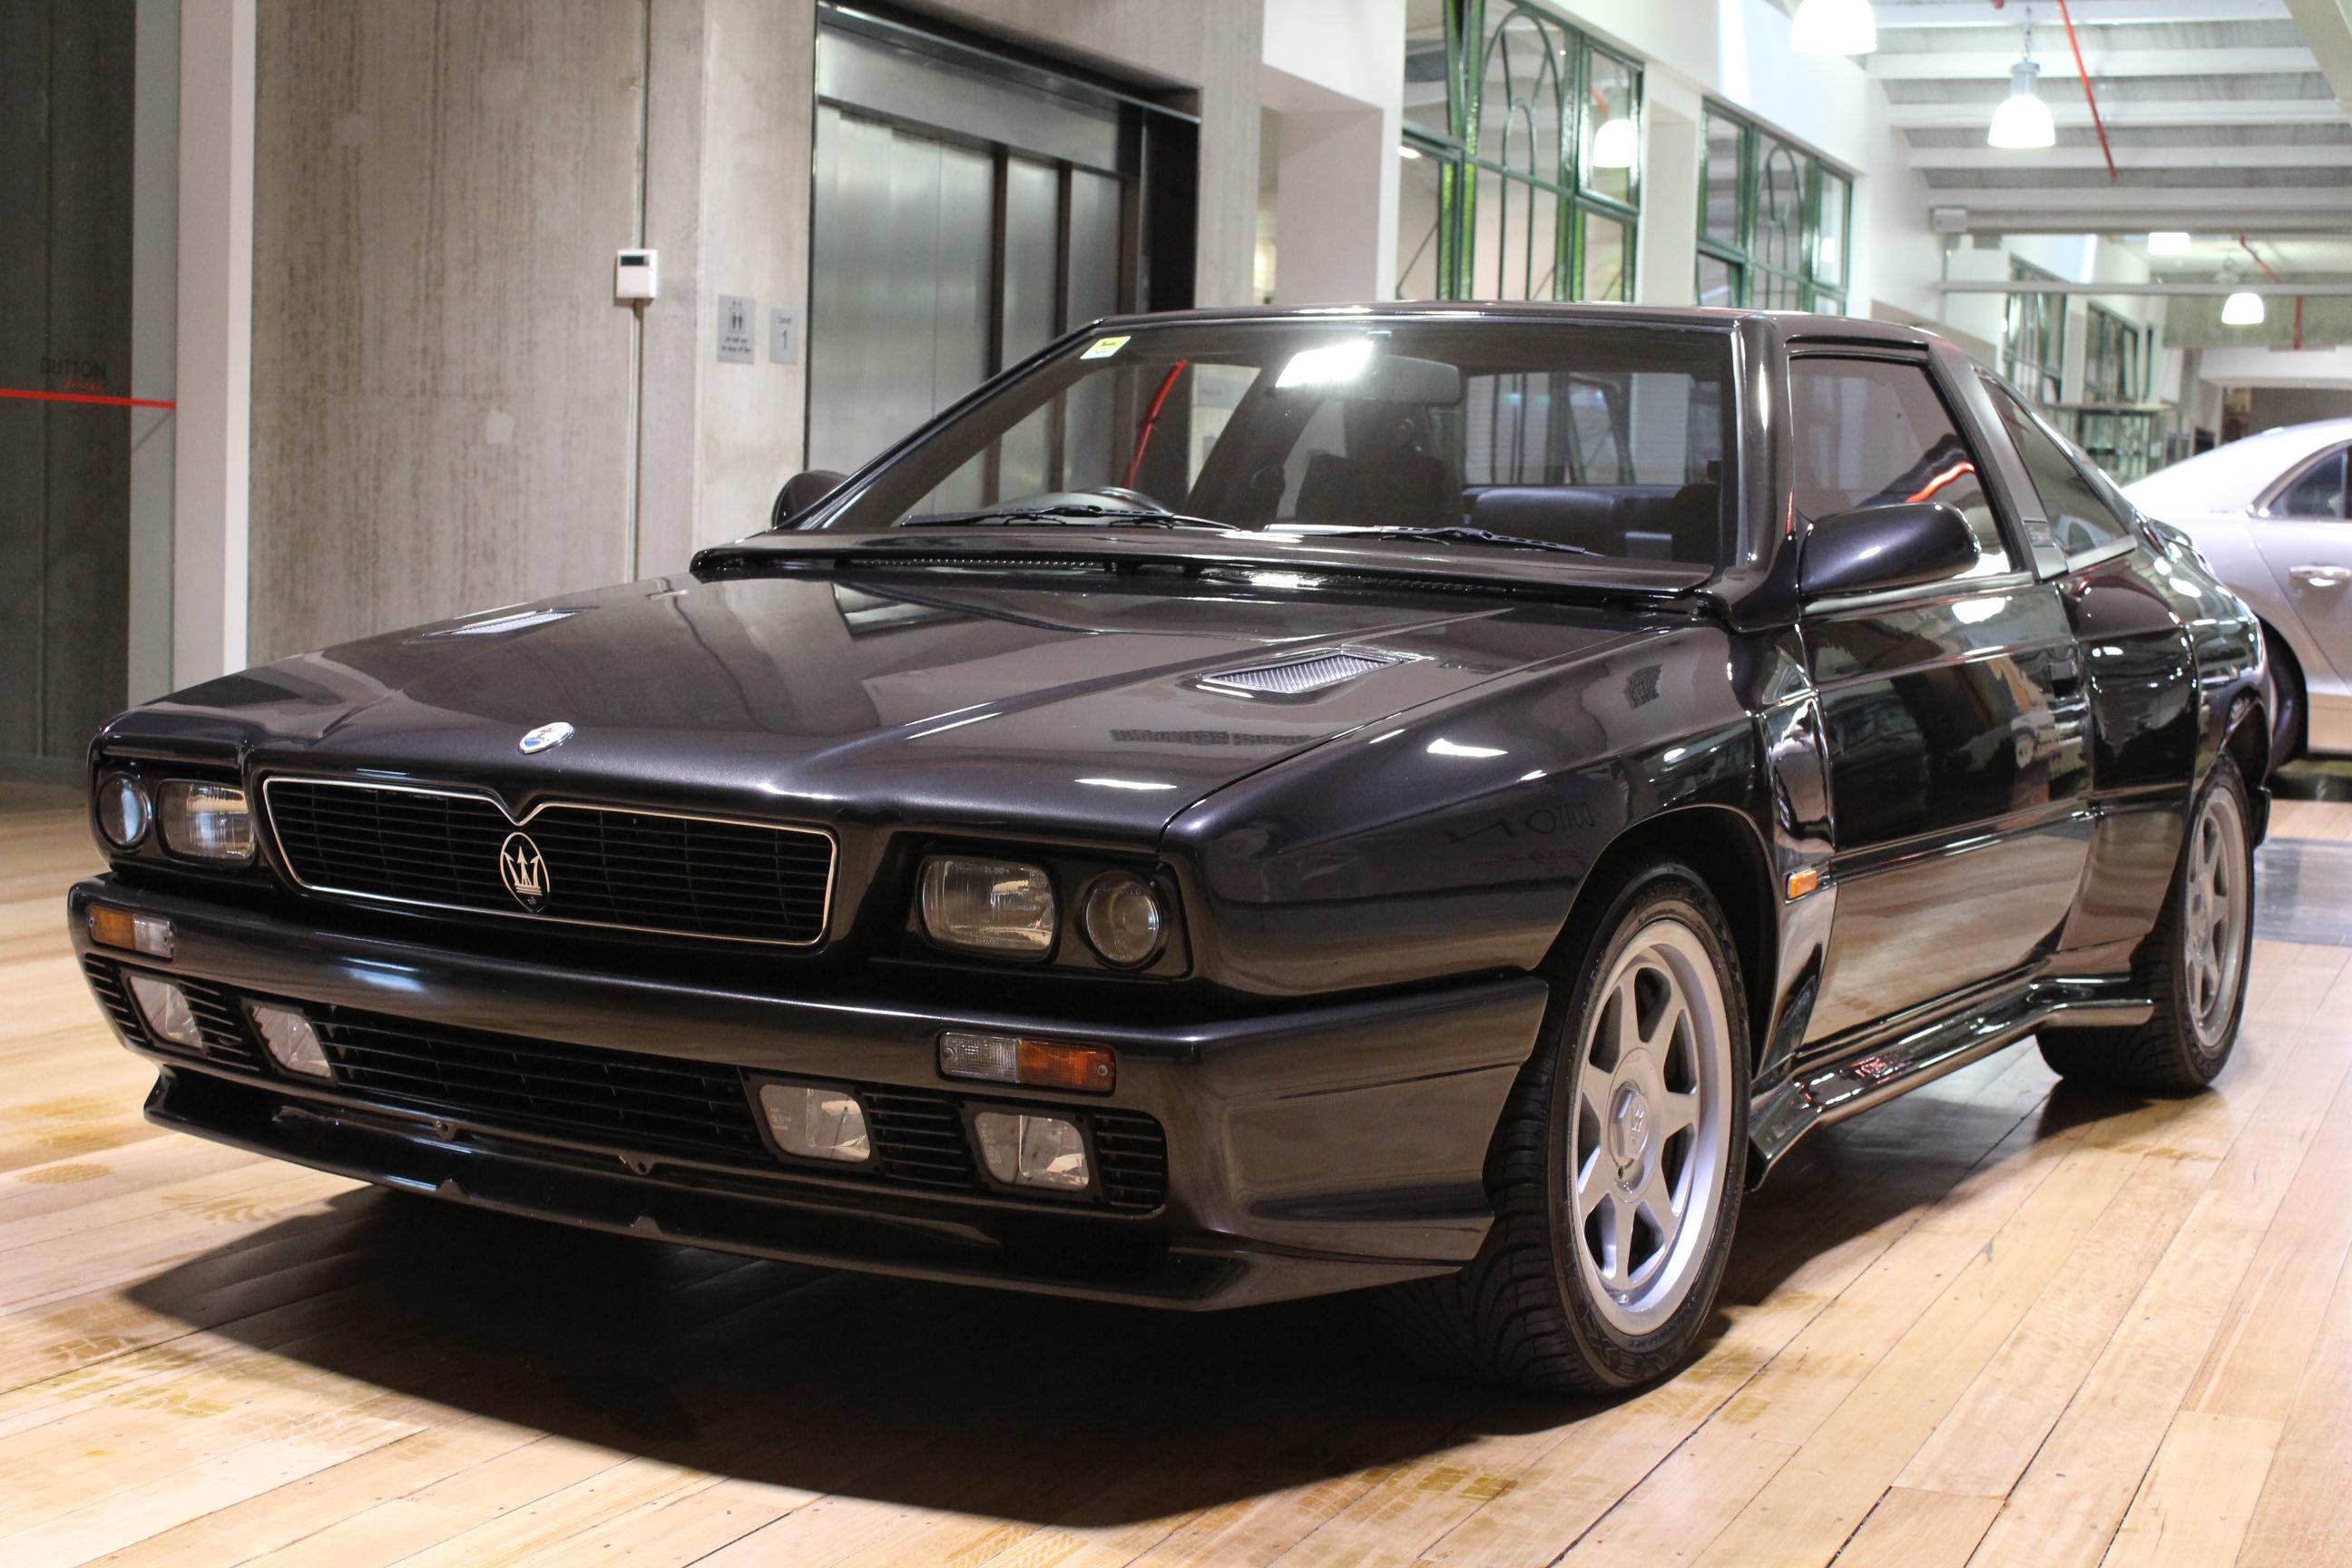 1996 Maserati Shamal | For Sale | Dutton Garage